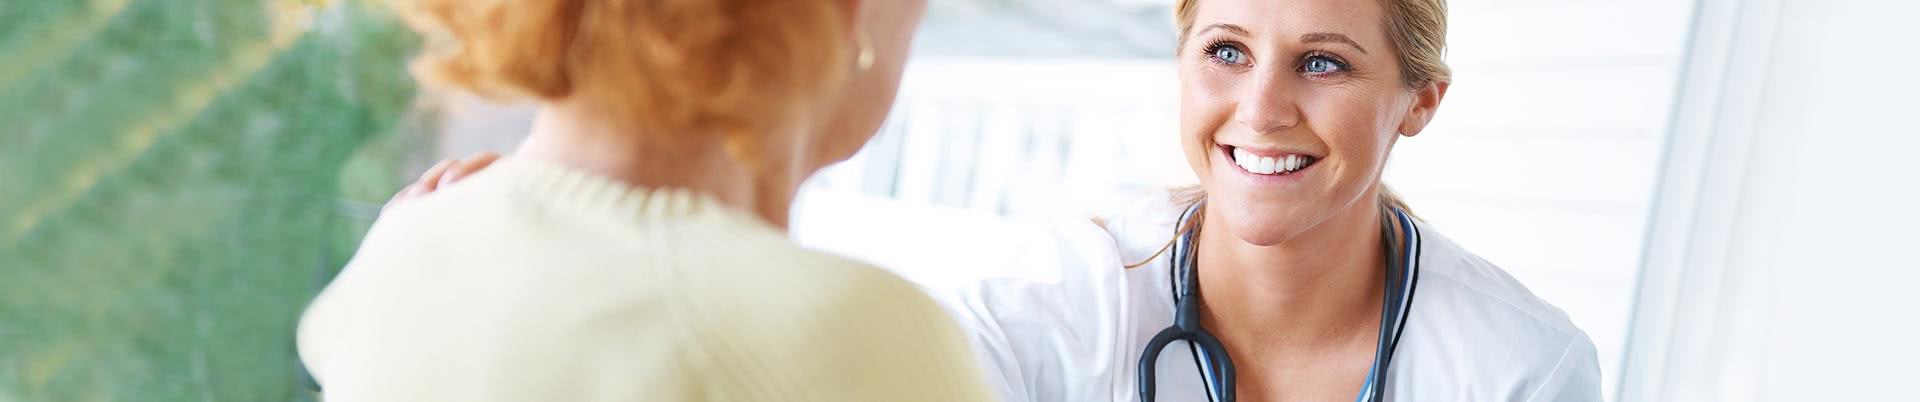 Junge Ärztin spricht mit Patientin